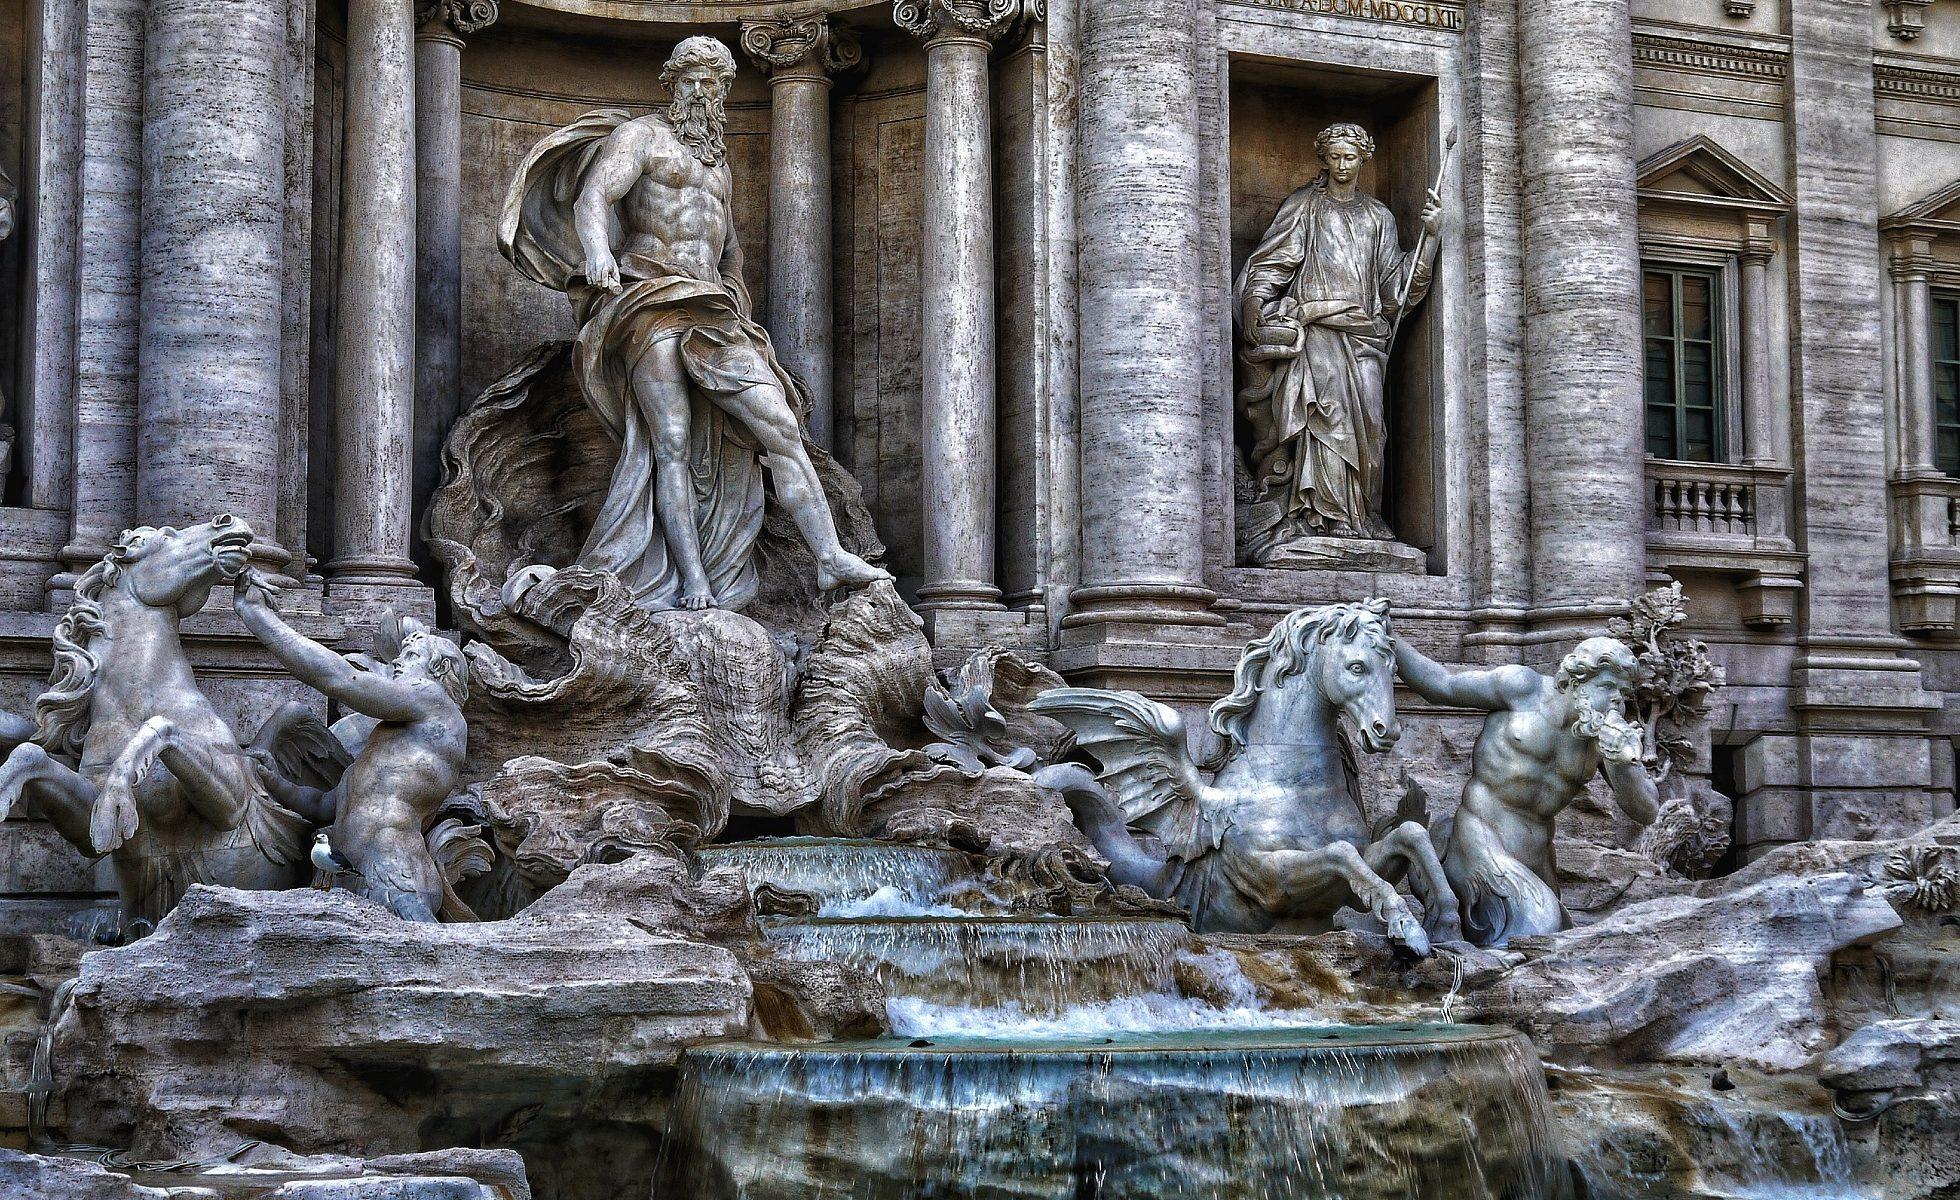 Der Trevi Brunnen - eine der bekanntesten Sehenswürdigkeiten Roms